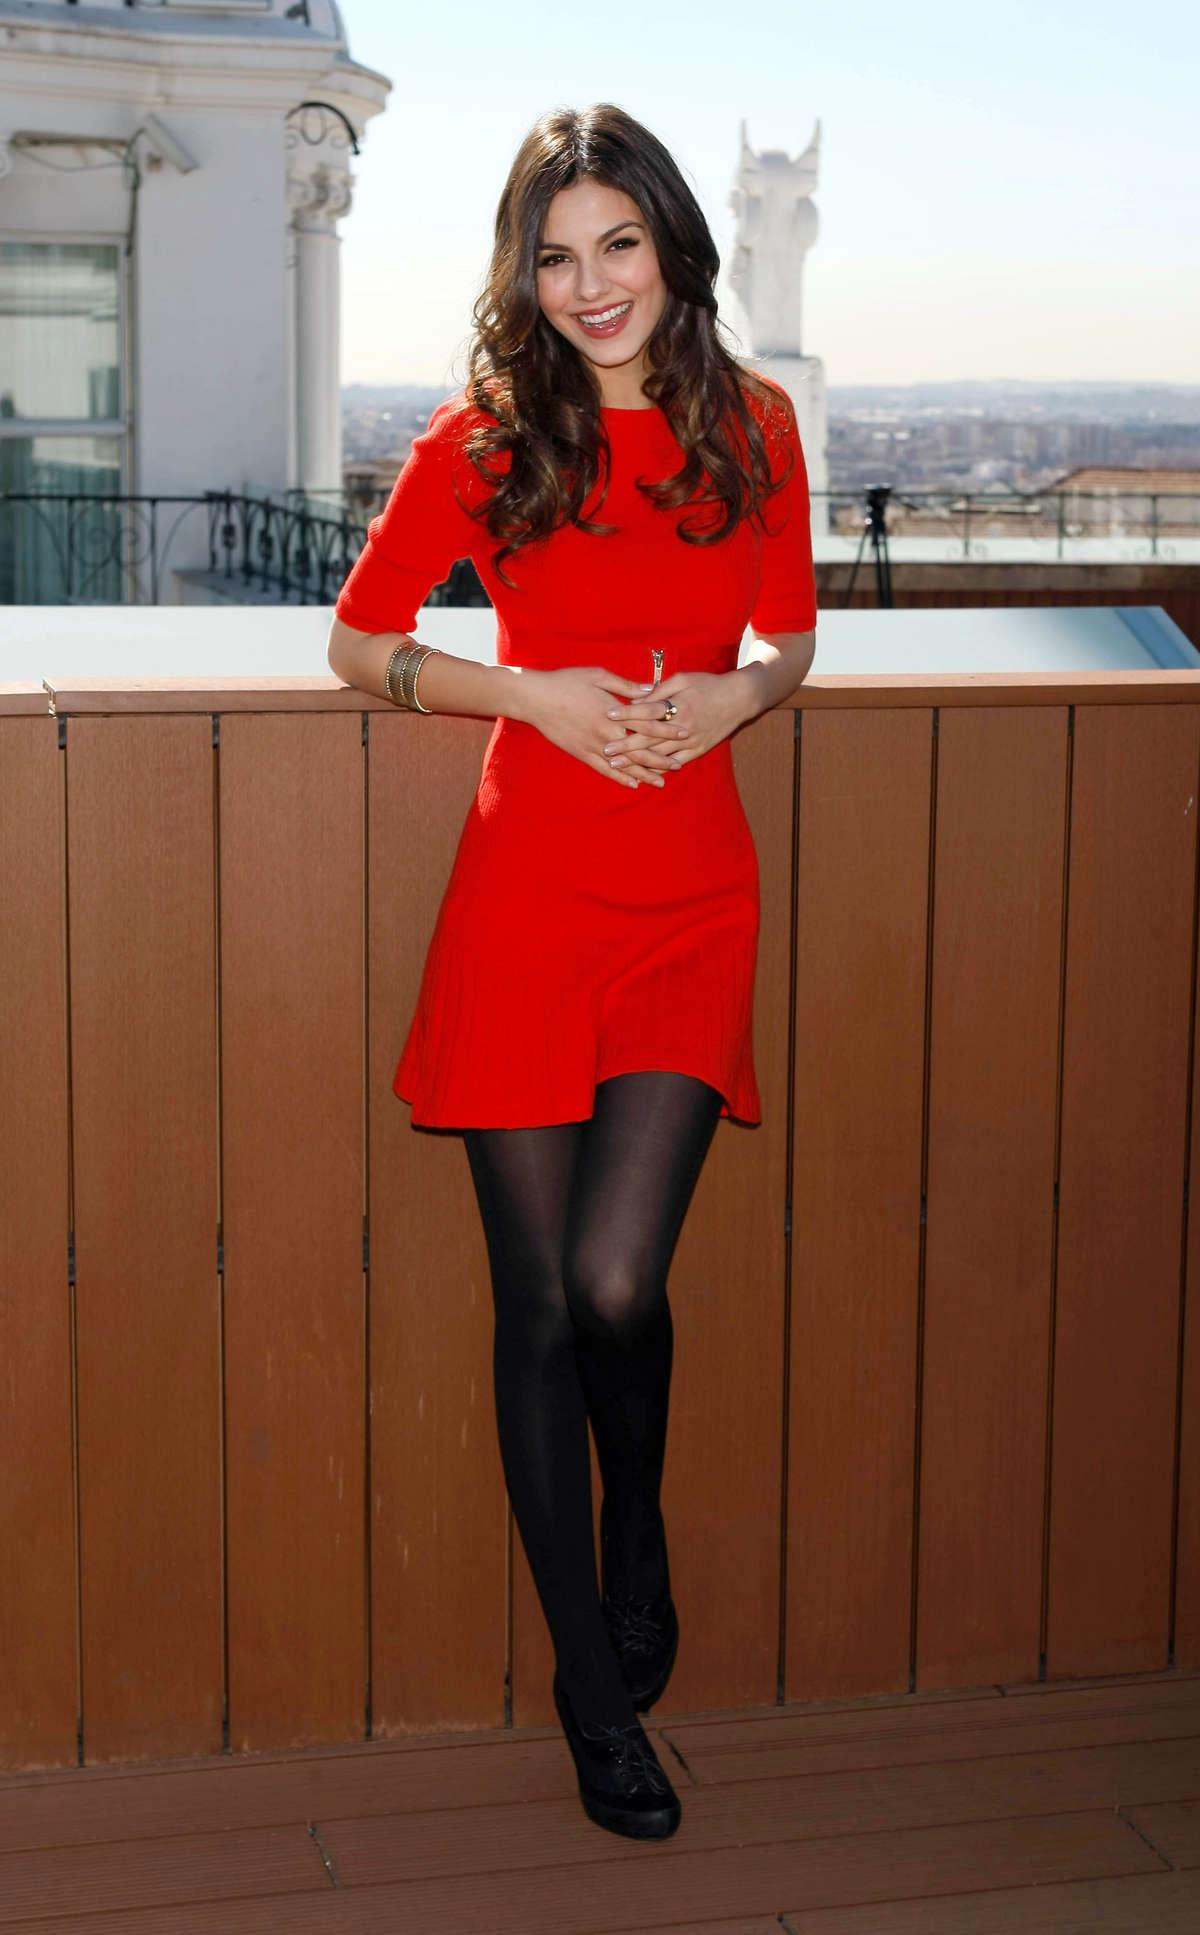 В красной юбке красном платье и черных чулках колготках 87